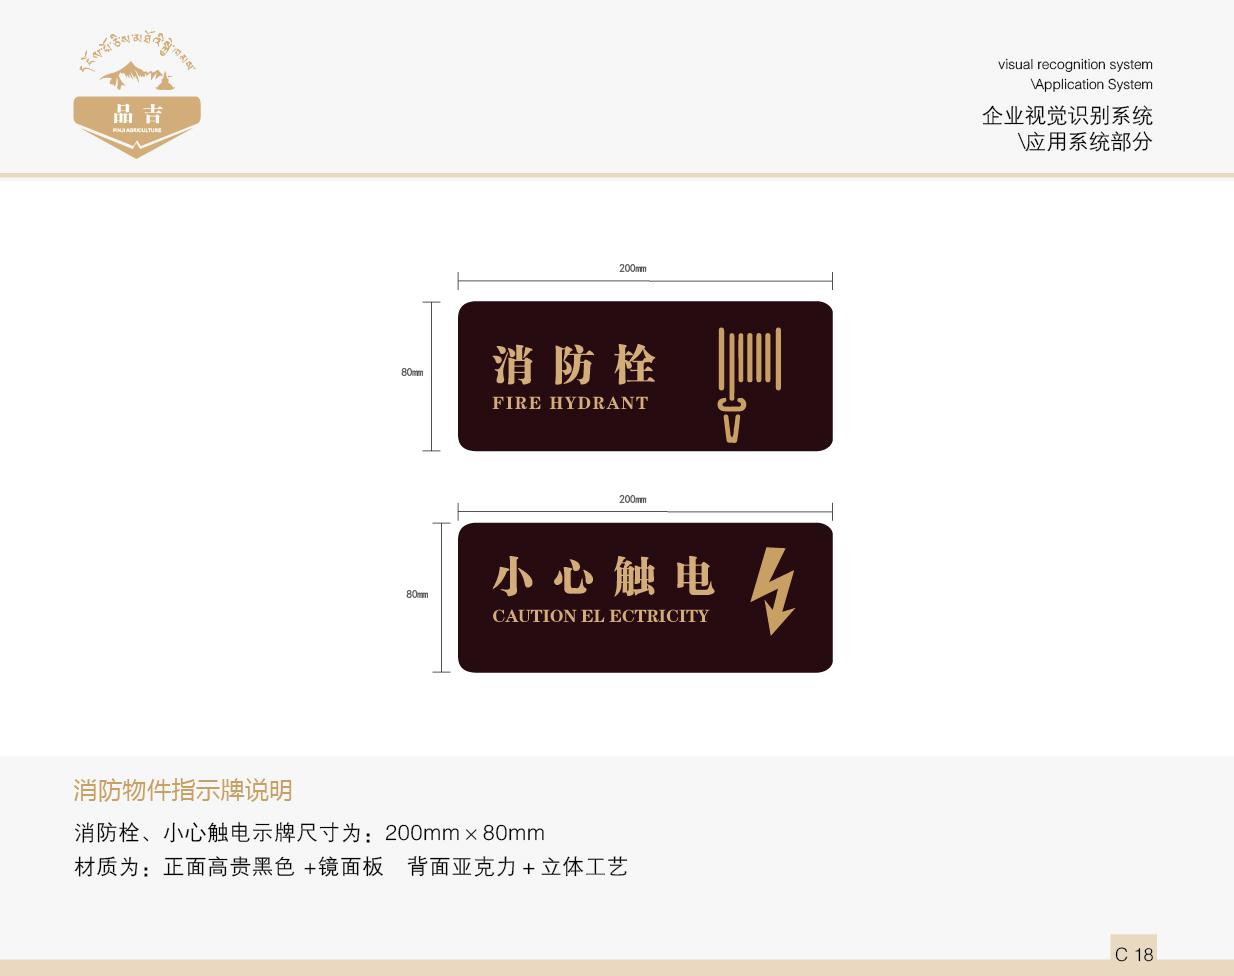 品吉农业VI 应用系统部分  客户资料  第19张